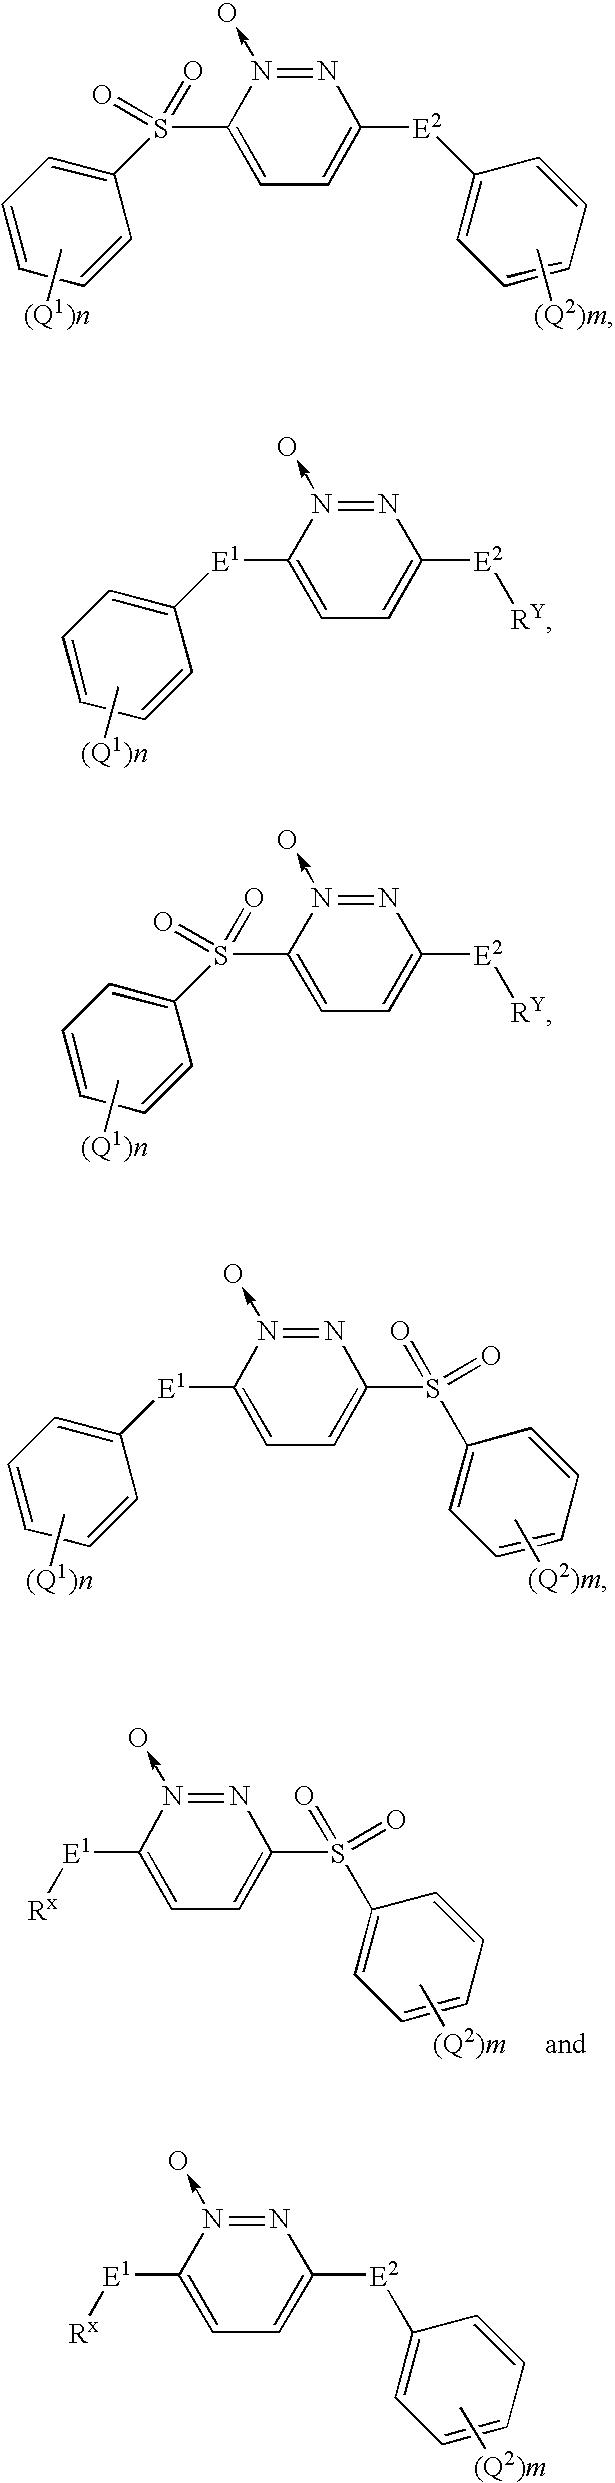 Figure US20040242886A1-20041202-C00133